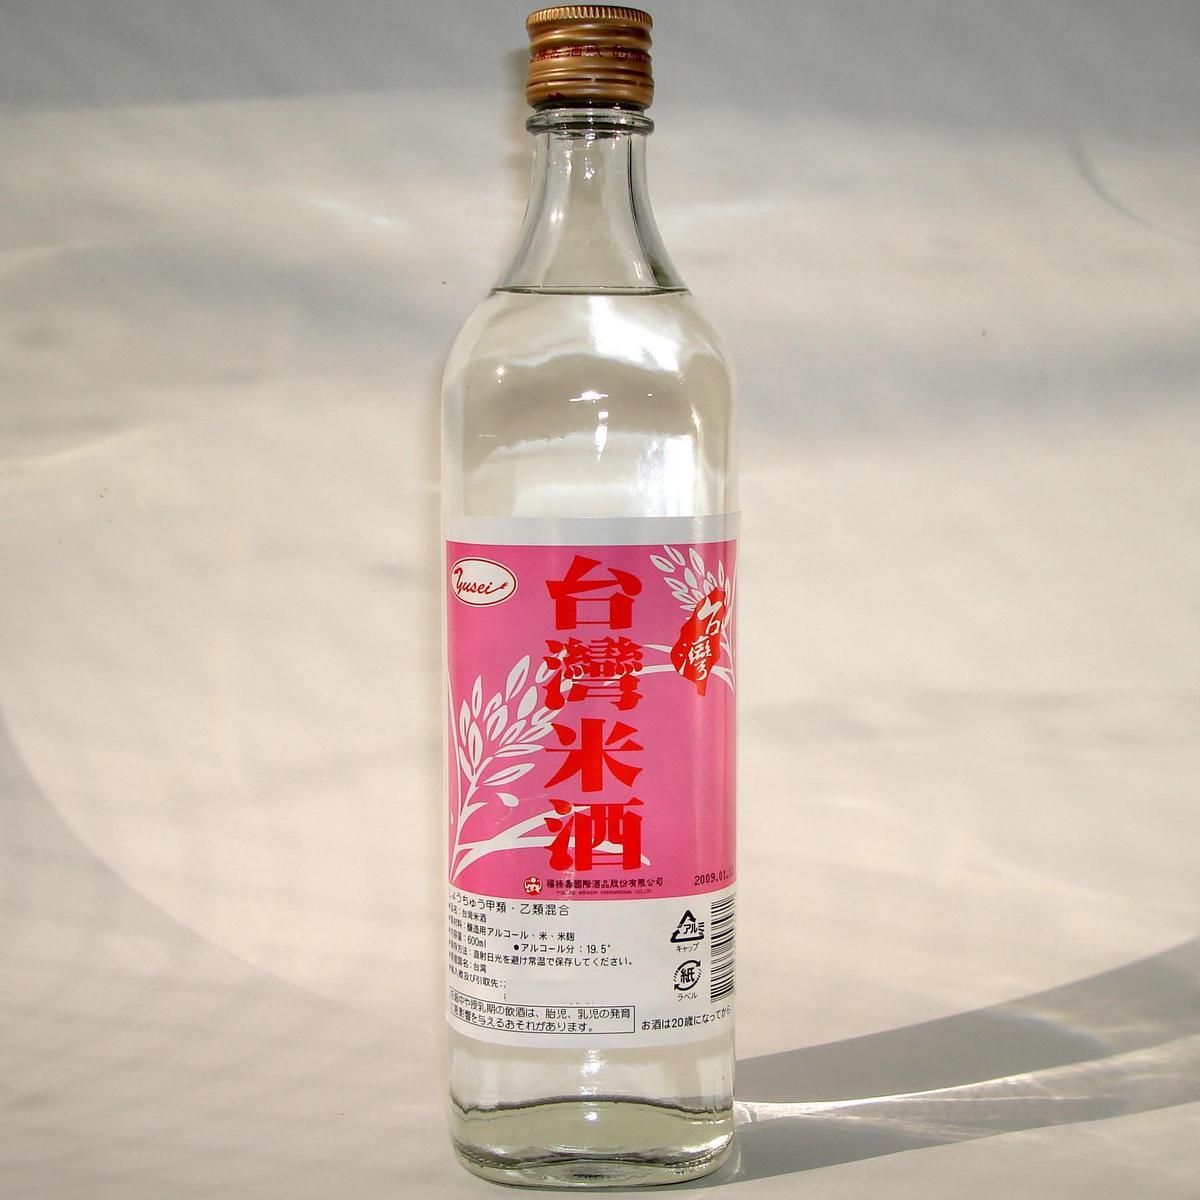 台湾米酒 12本/ガラス瓶【米焼酎】台湾産料理酒